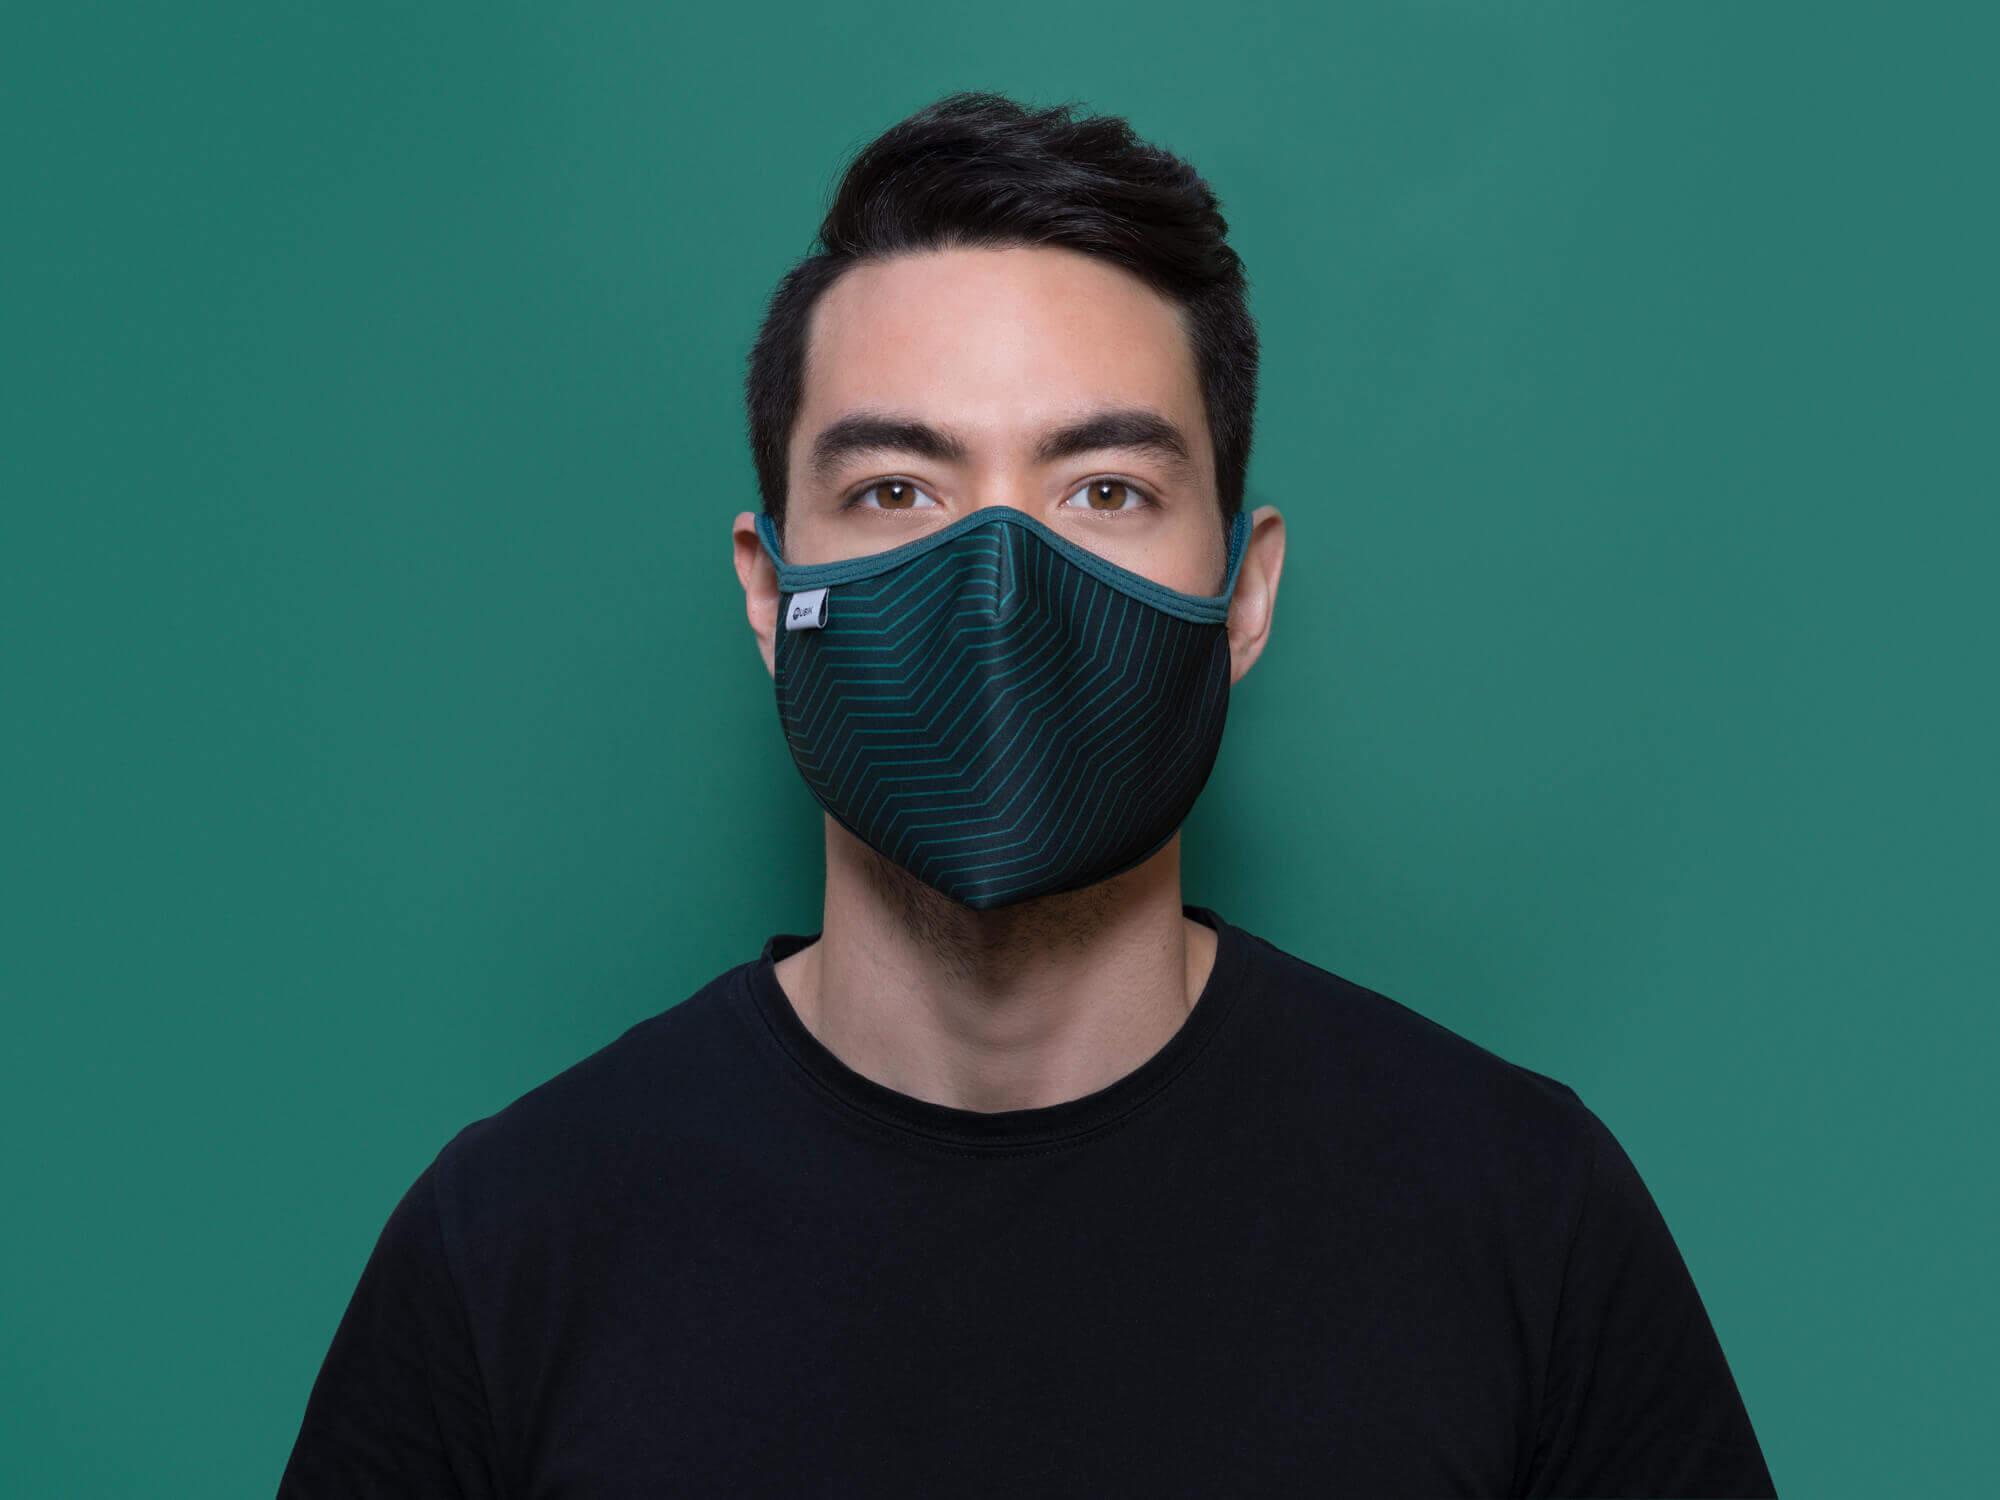 Modelo masculino con mascarilla